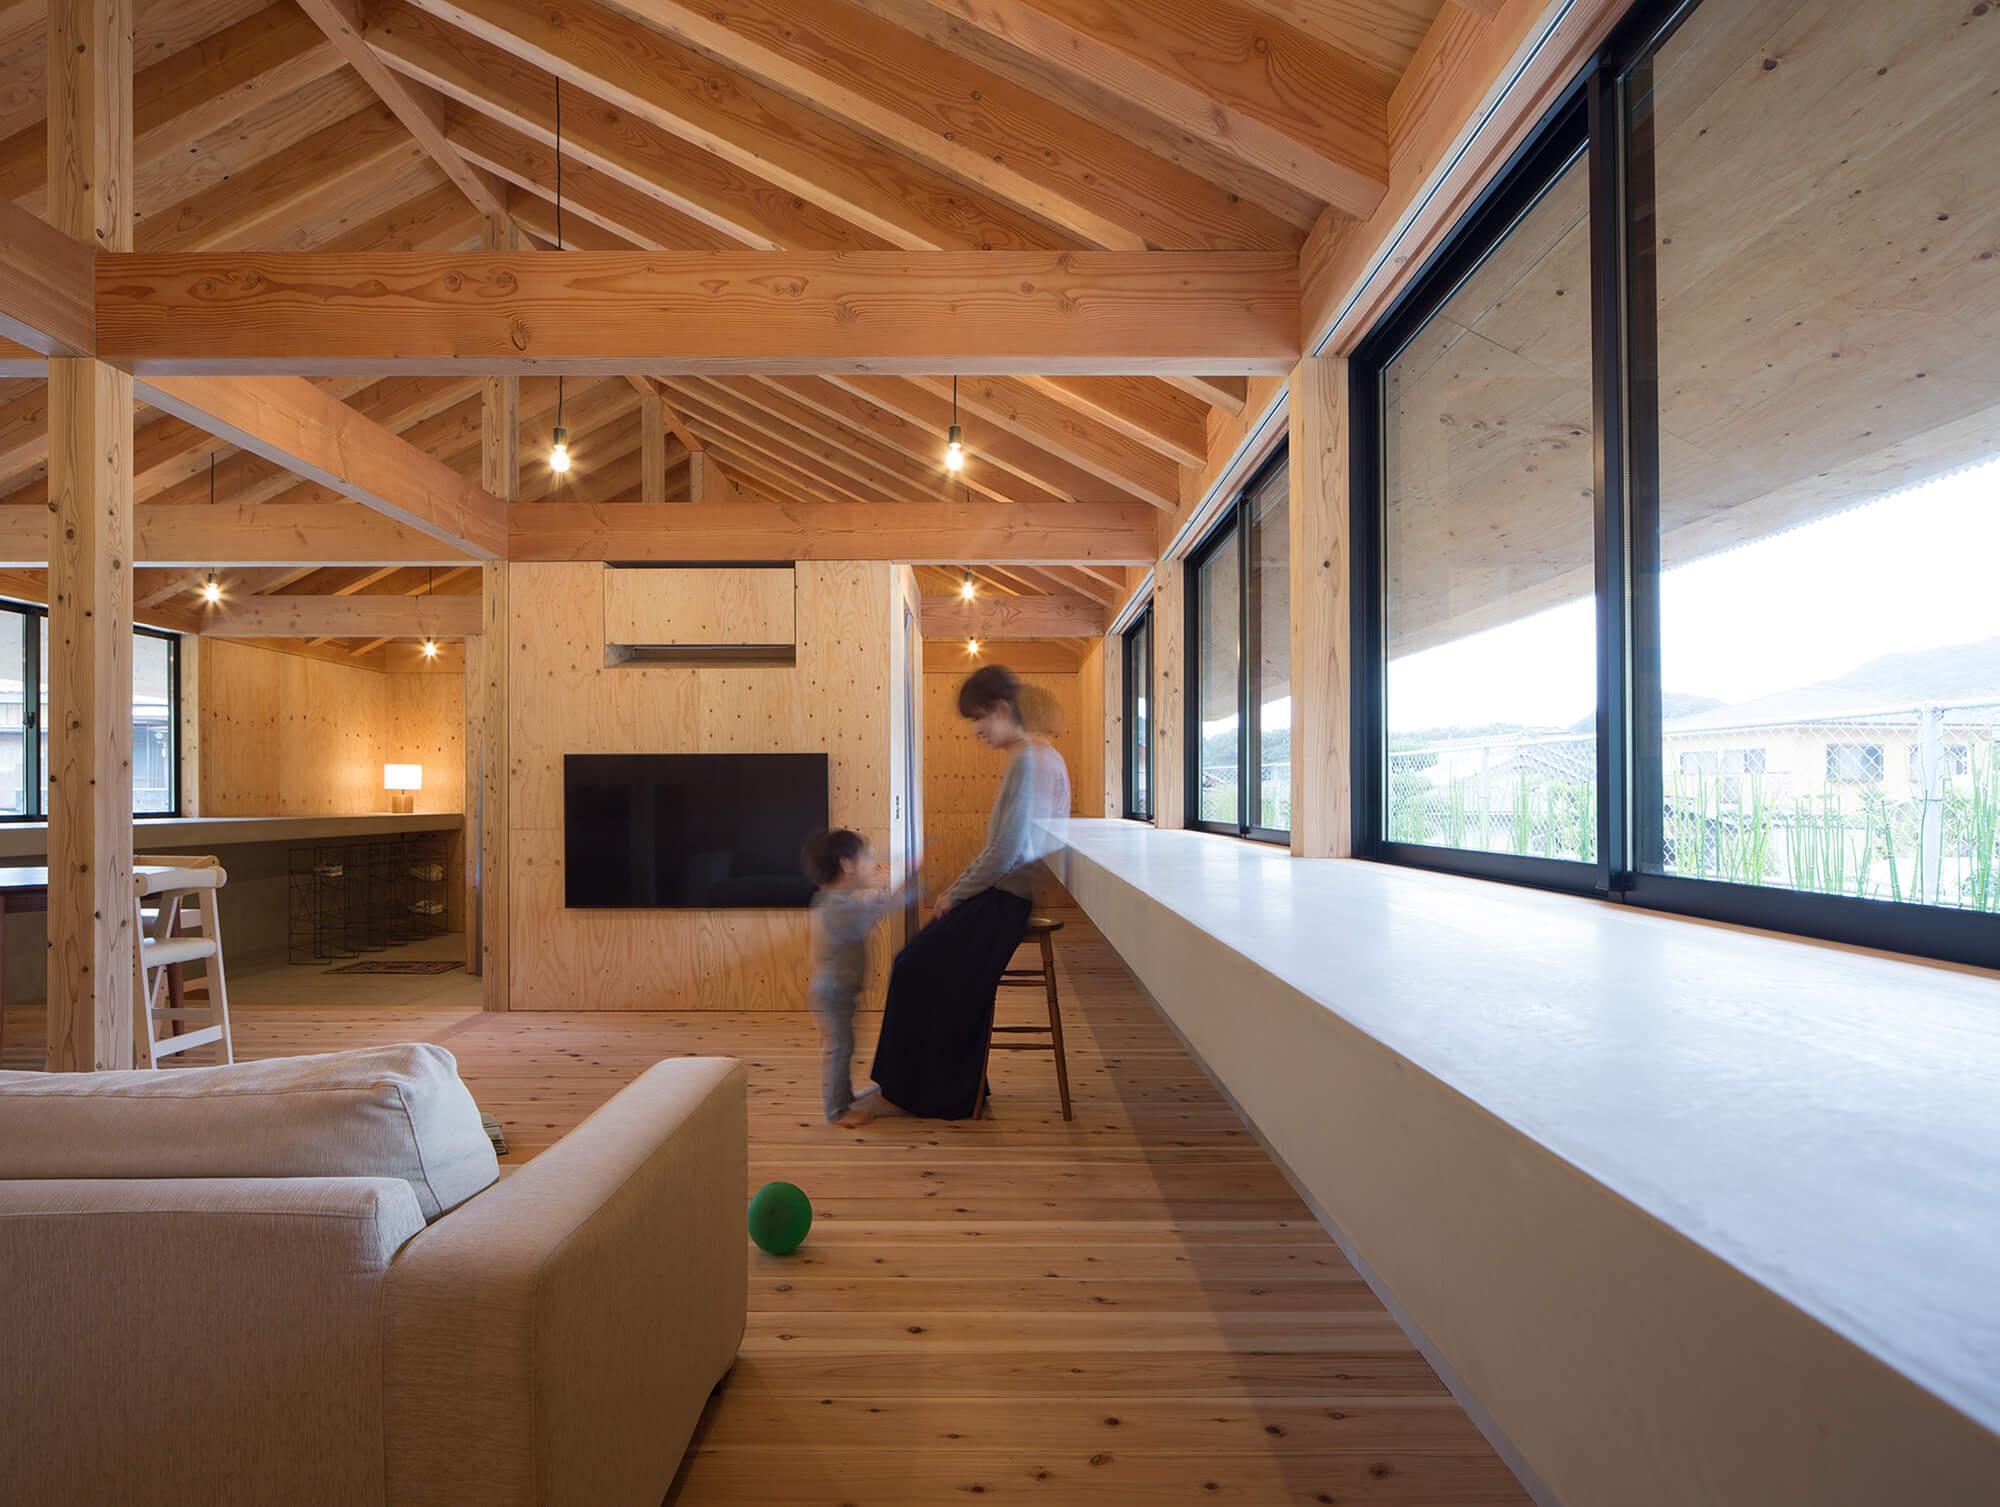 『大屋根の棲家』建築写真・竣工写真・インテリア写真12